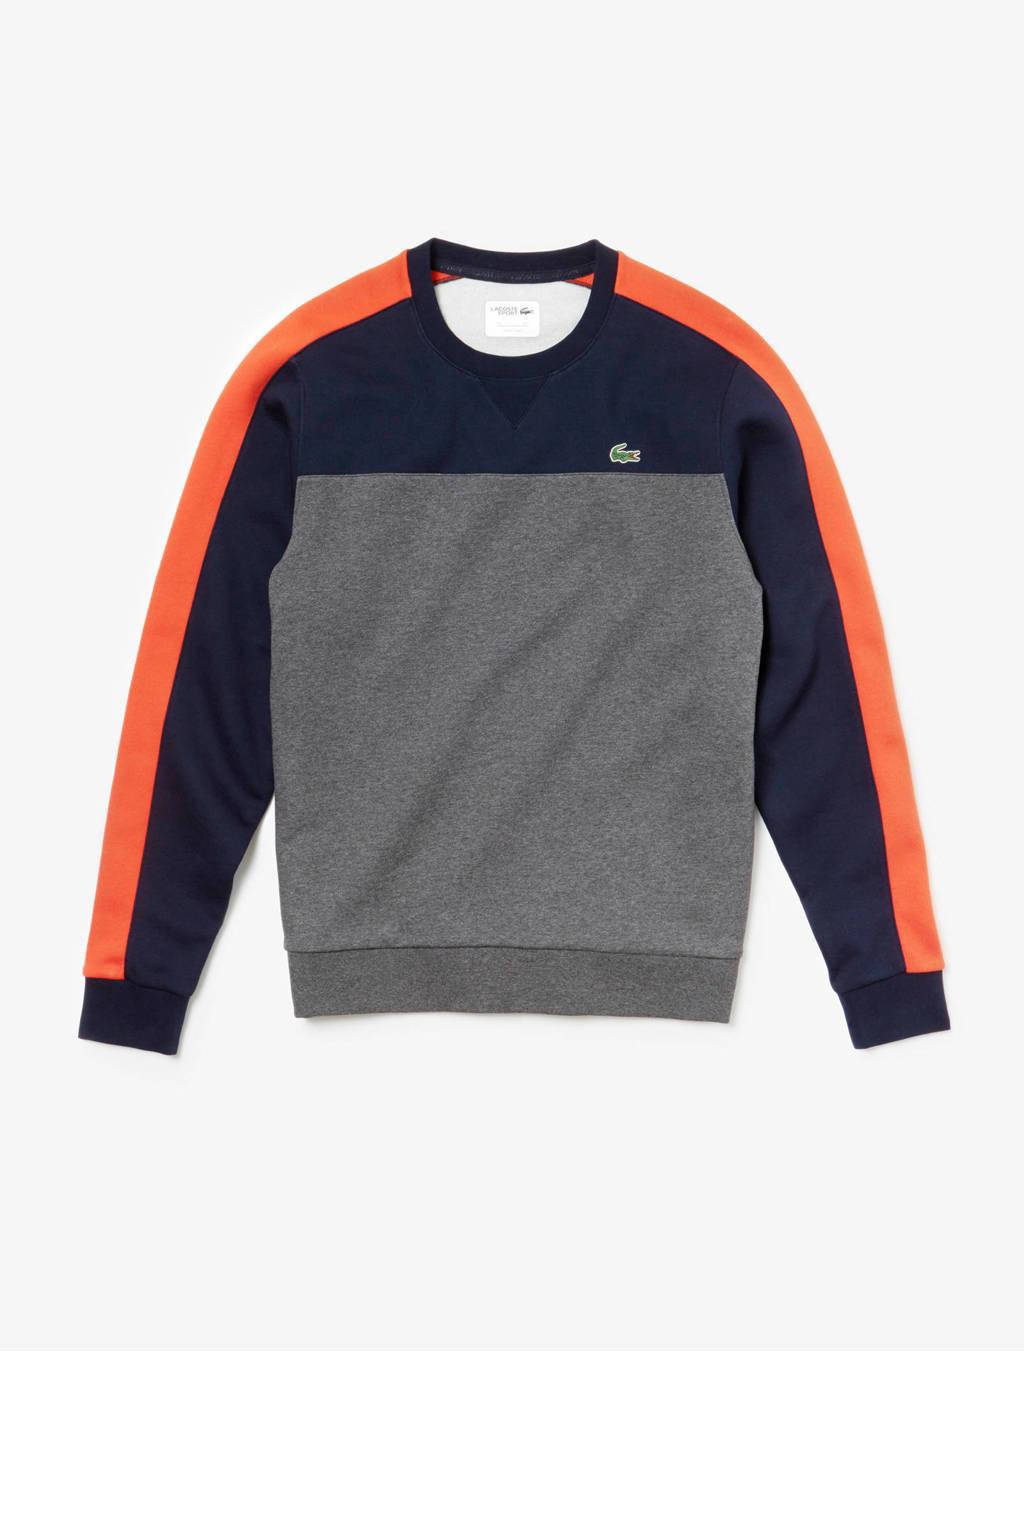 Lacoste   sportsweater donkerblauw/grijs/oranje, Donkerblauw/grijs/oranje